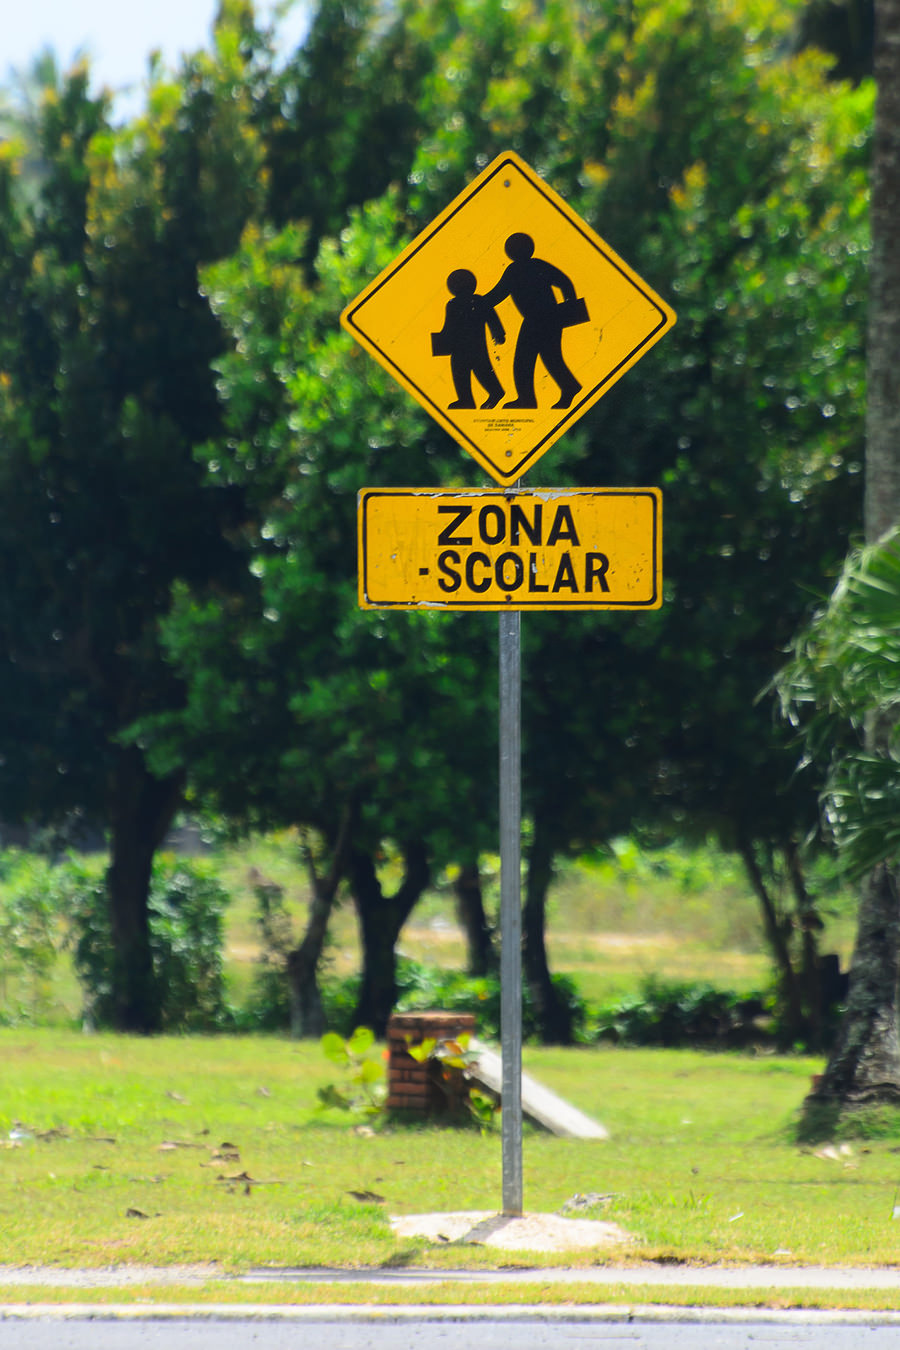 Dominican Republic — Zona scolar (school zone) road sign